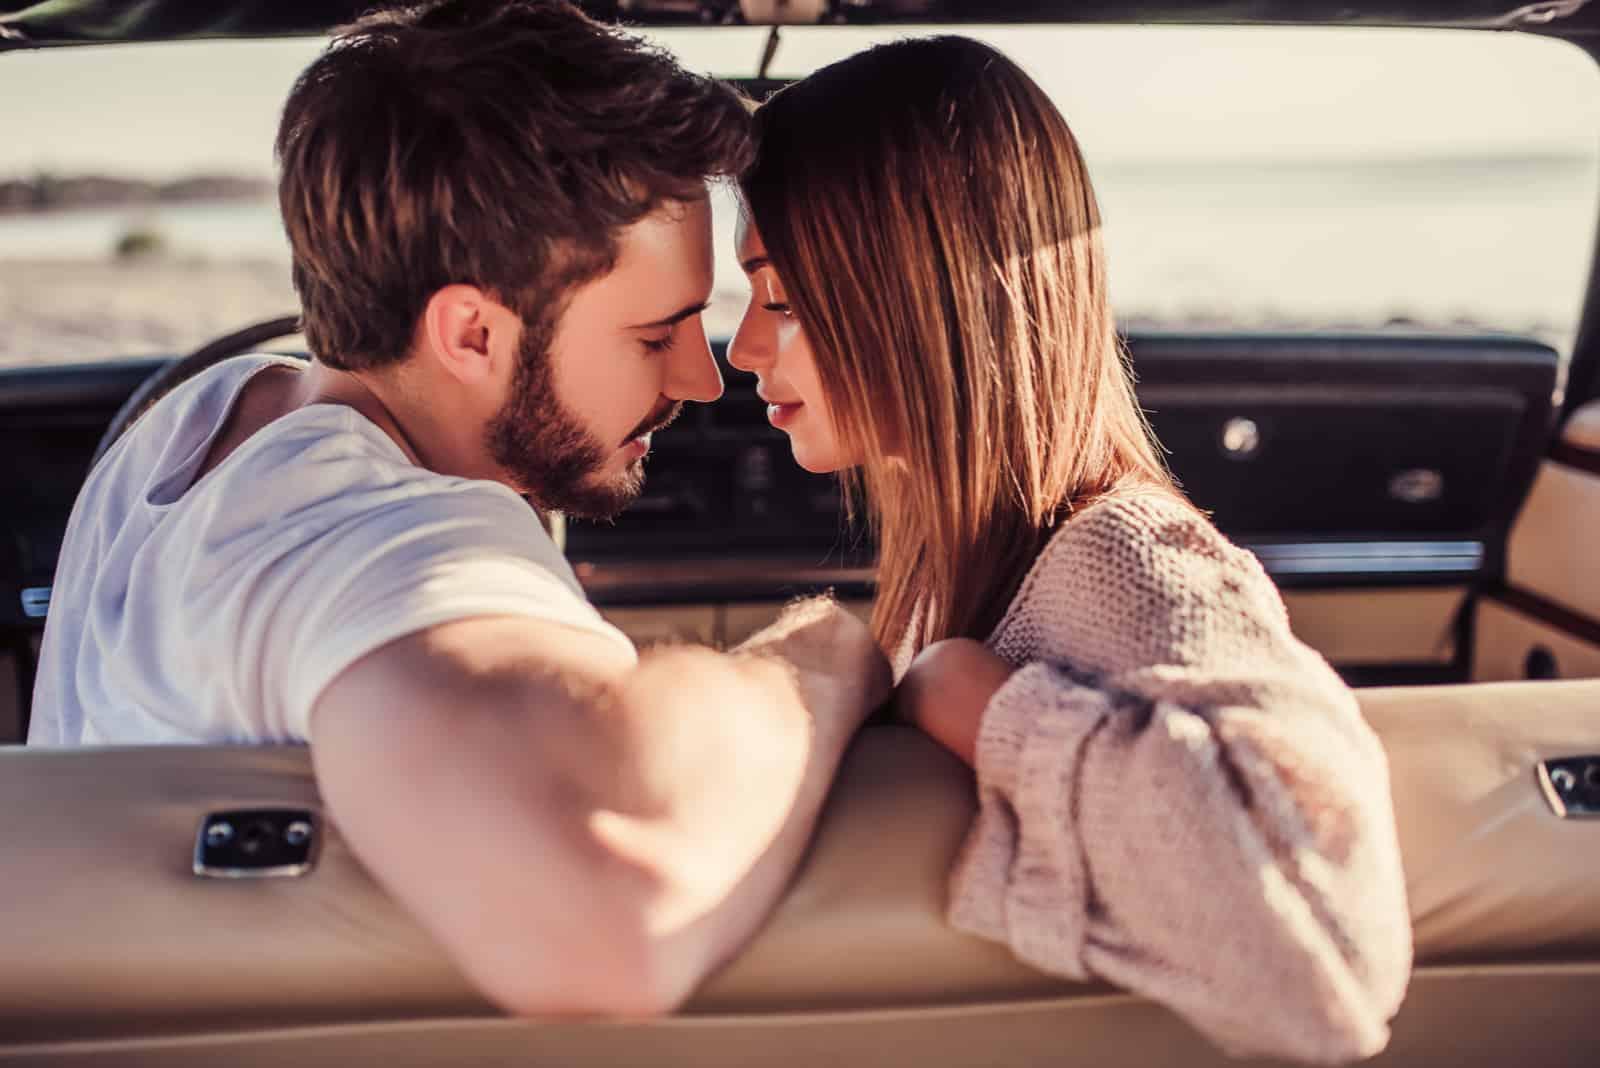 Romantisches Paar sitzt im grünen Retro-Auto am Strand